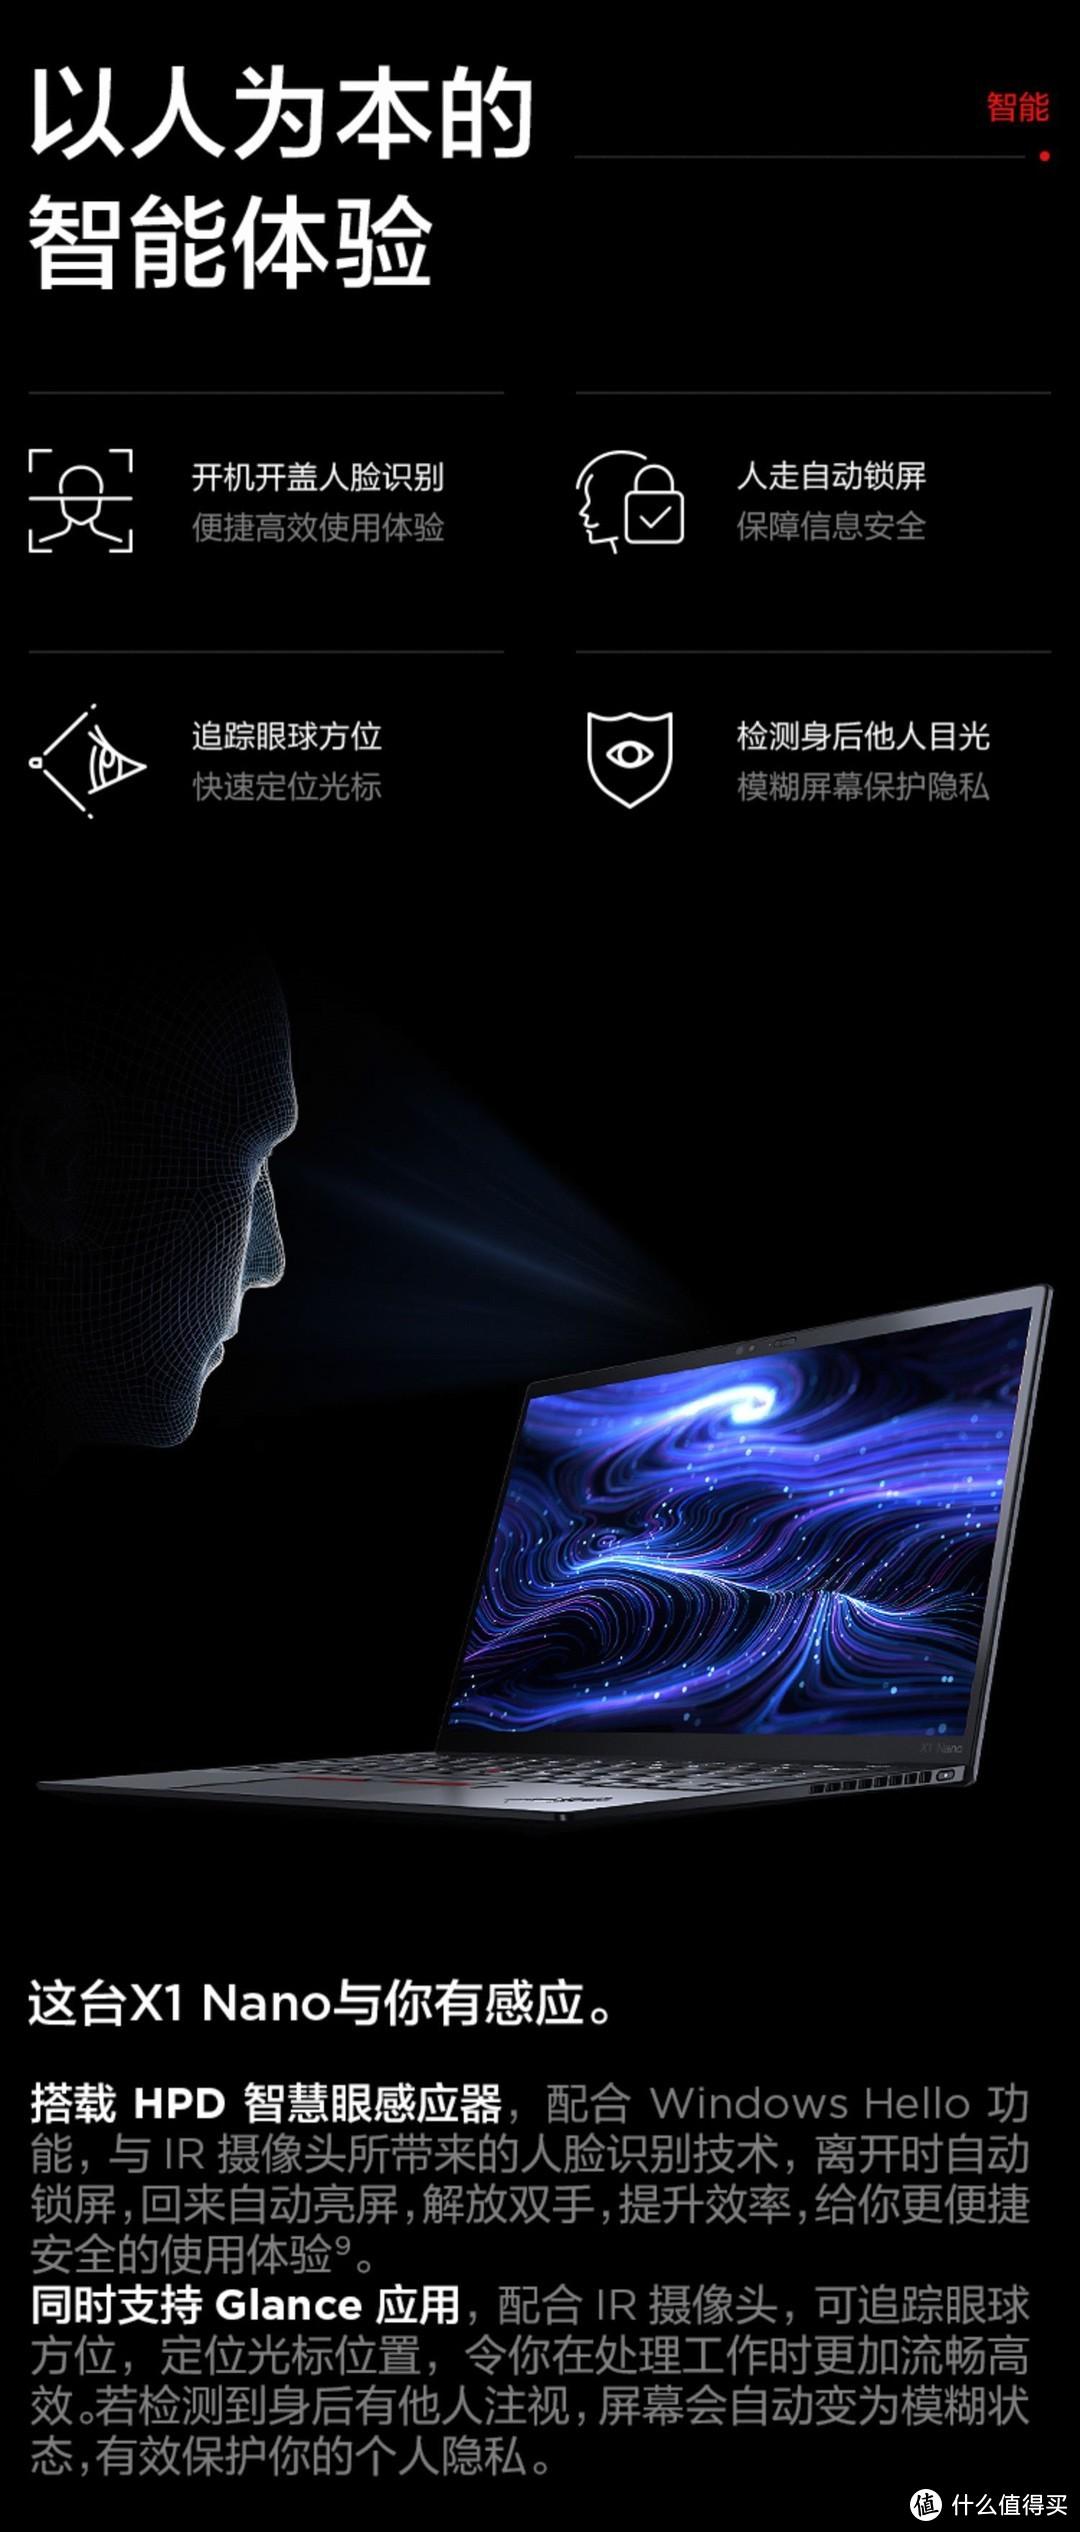 新鲜热辣的ThinkPad x1 nano开箱,对比M1 MacBook Pro使用感受